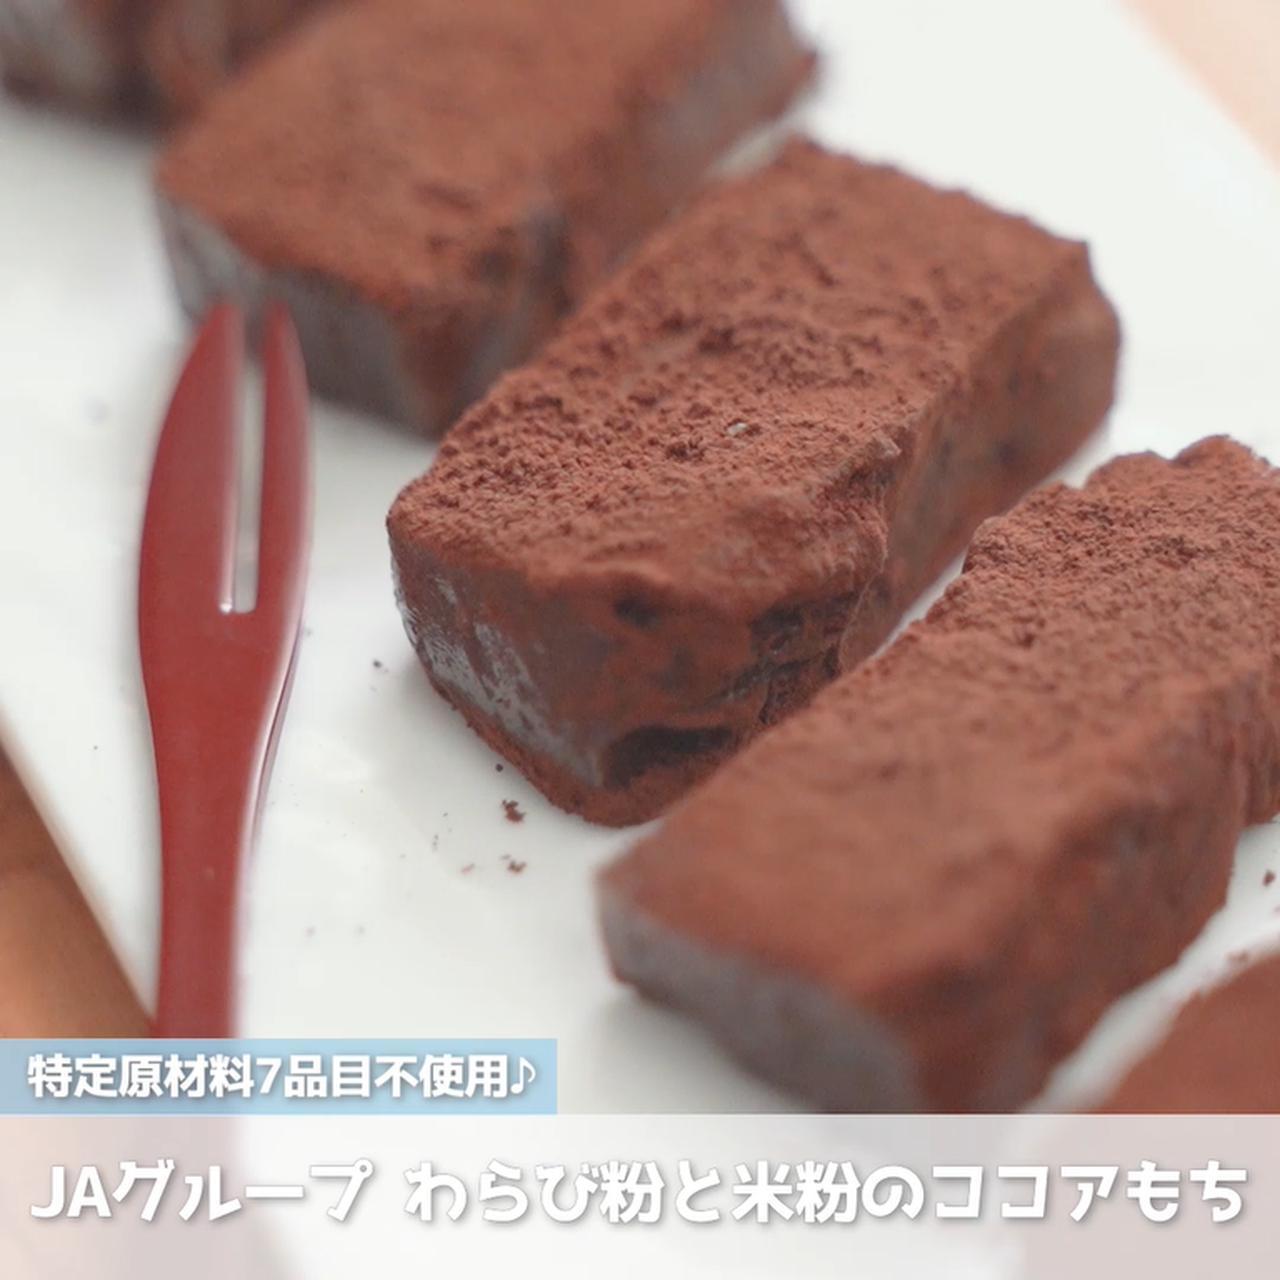 画像: チョコレート不使用!?3時のおやつに作りたい、JAグループさんのわらび餅と米粉のココアもち - 君とごはん